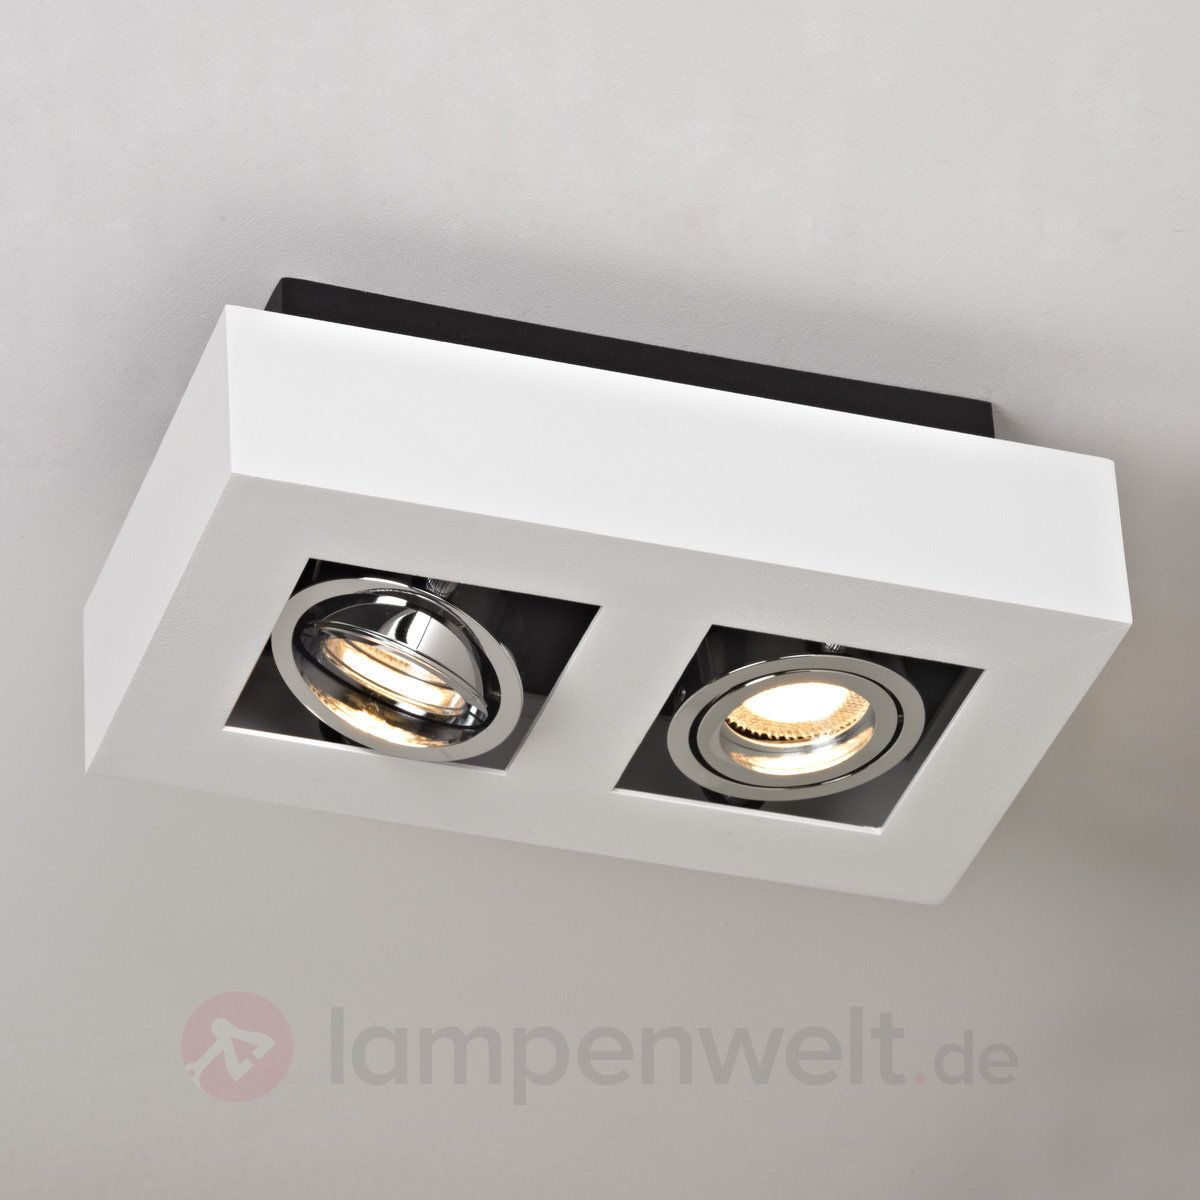 Fantastisch Led Leuchten Verkabelung Bilder - Elektrische Schaltplan ...